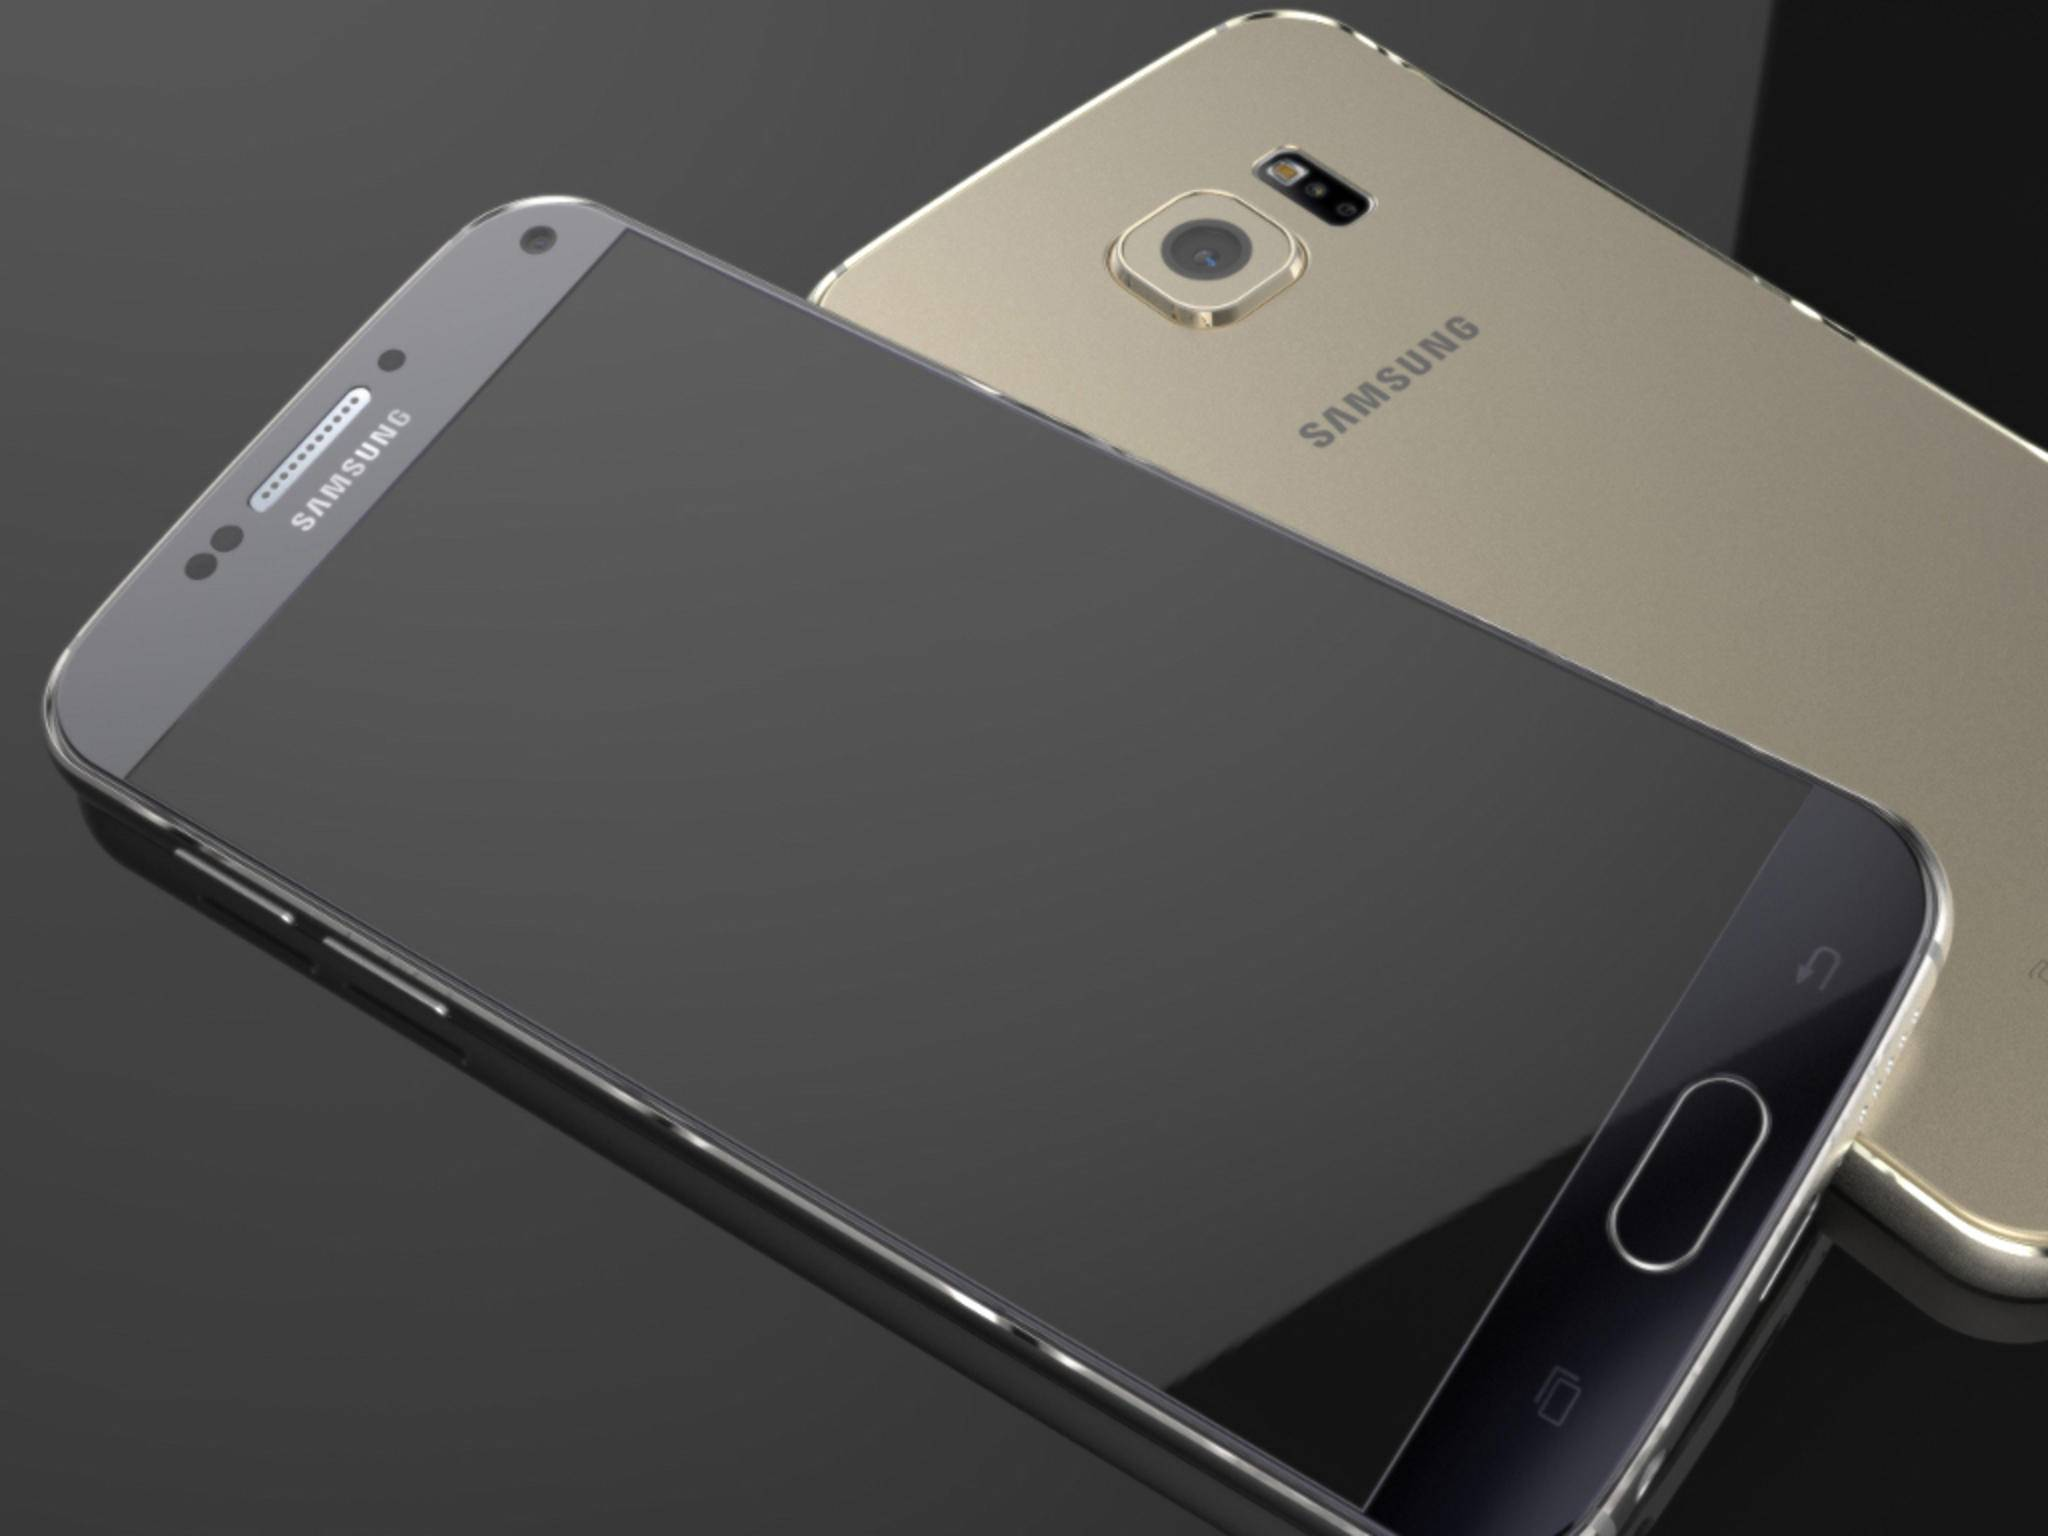 Die Displaygrößen für das Galaxy S7 und Galaxy S7 edge stehen fest.